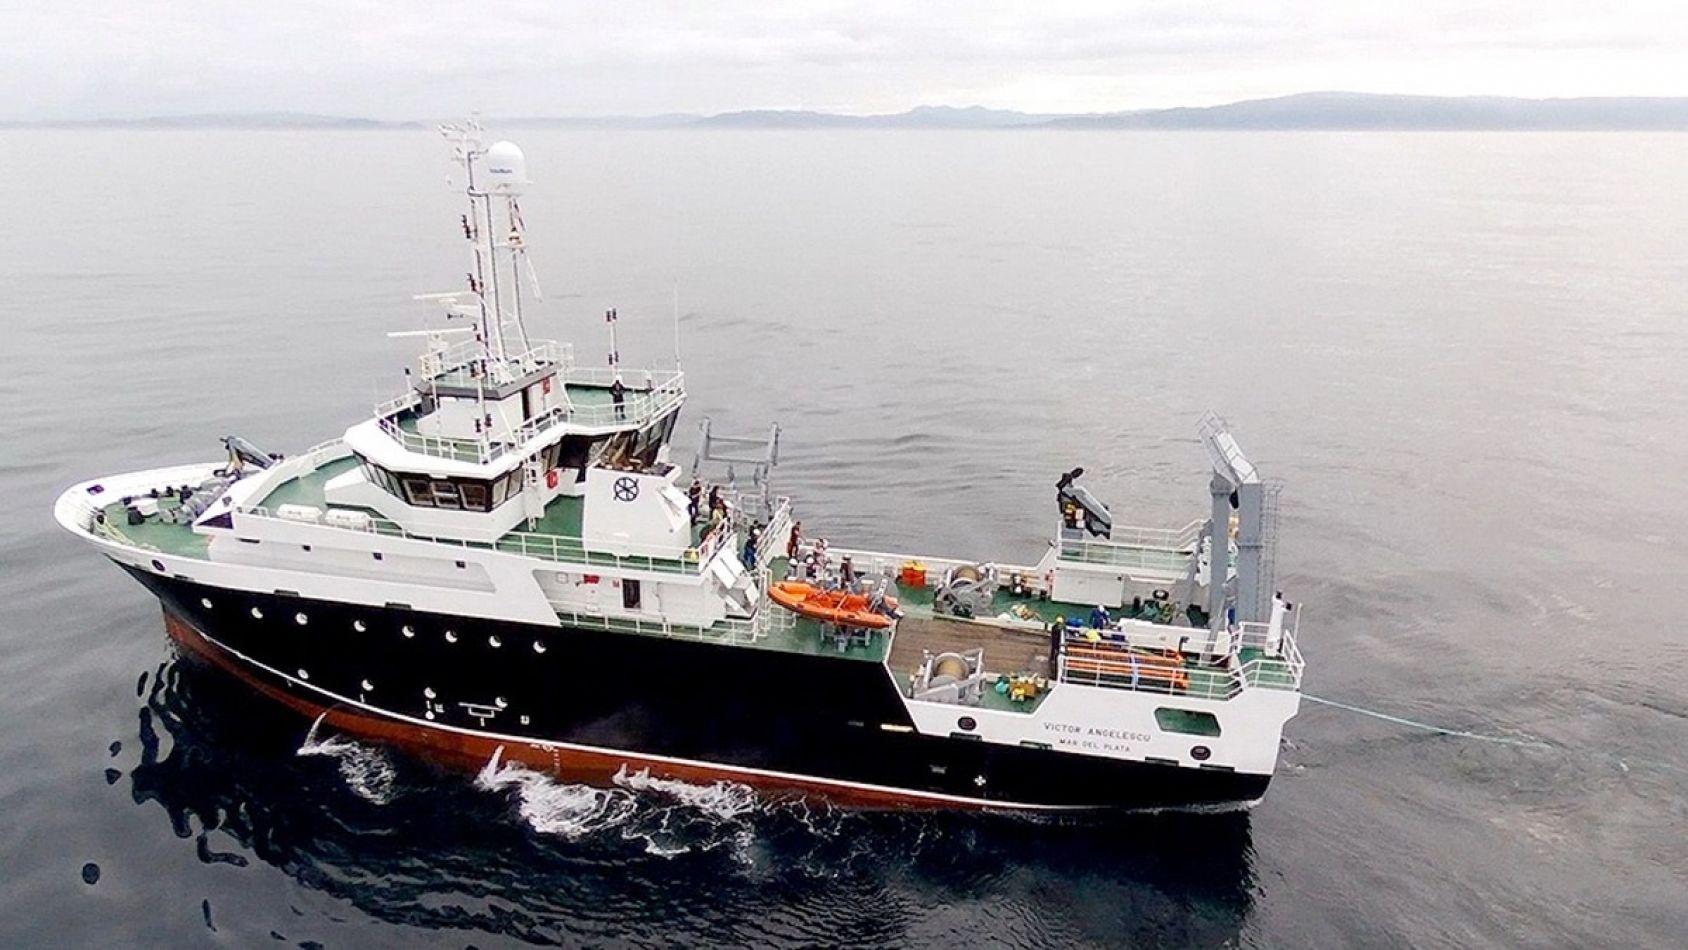 La embarcación argentina Víctor Angelescu, del INIDEP, partirá desde Ushuaia con una tripulación científica compuesta por 16 investigador